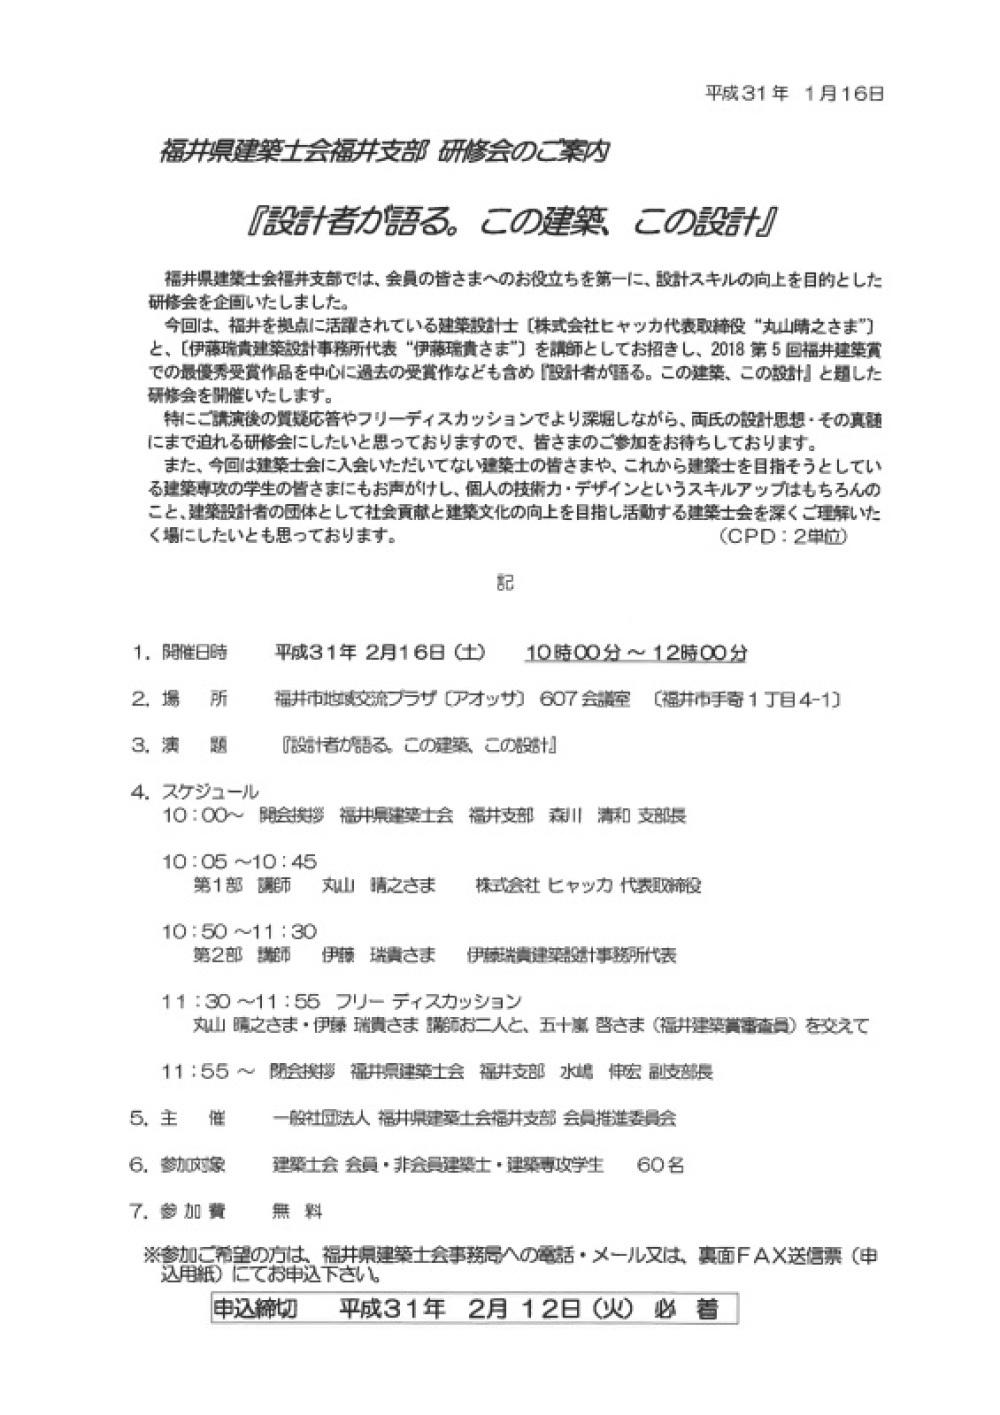 福井県建築士会のセミナーで講師をします。_f0165030_14413085.jpg